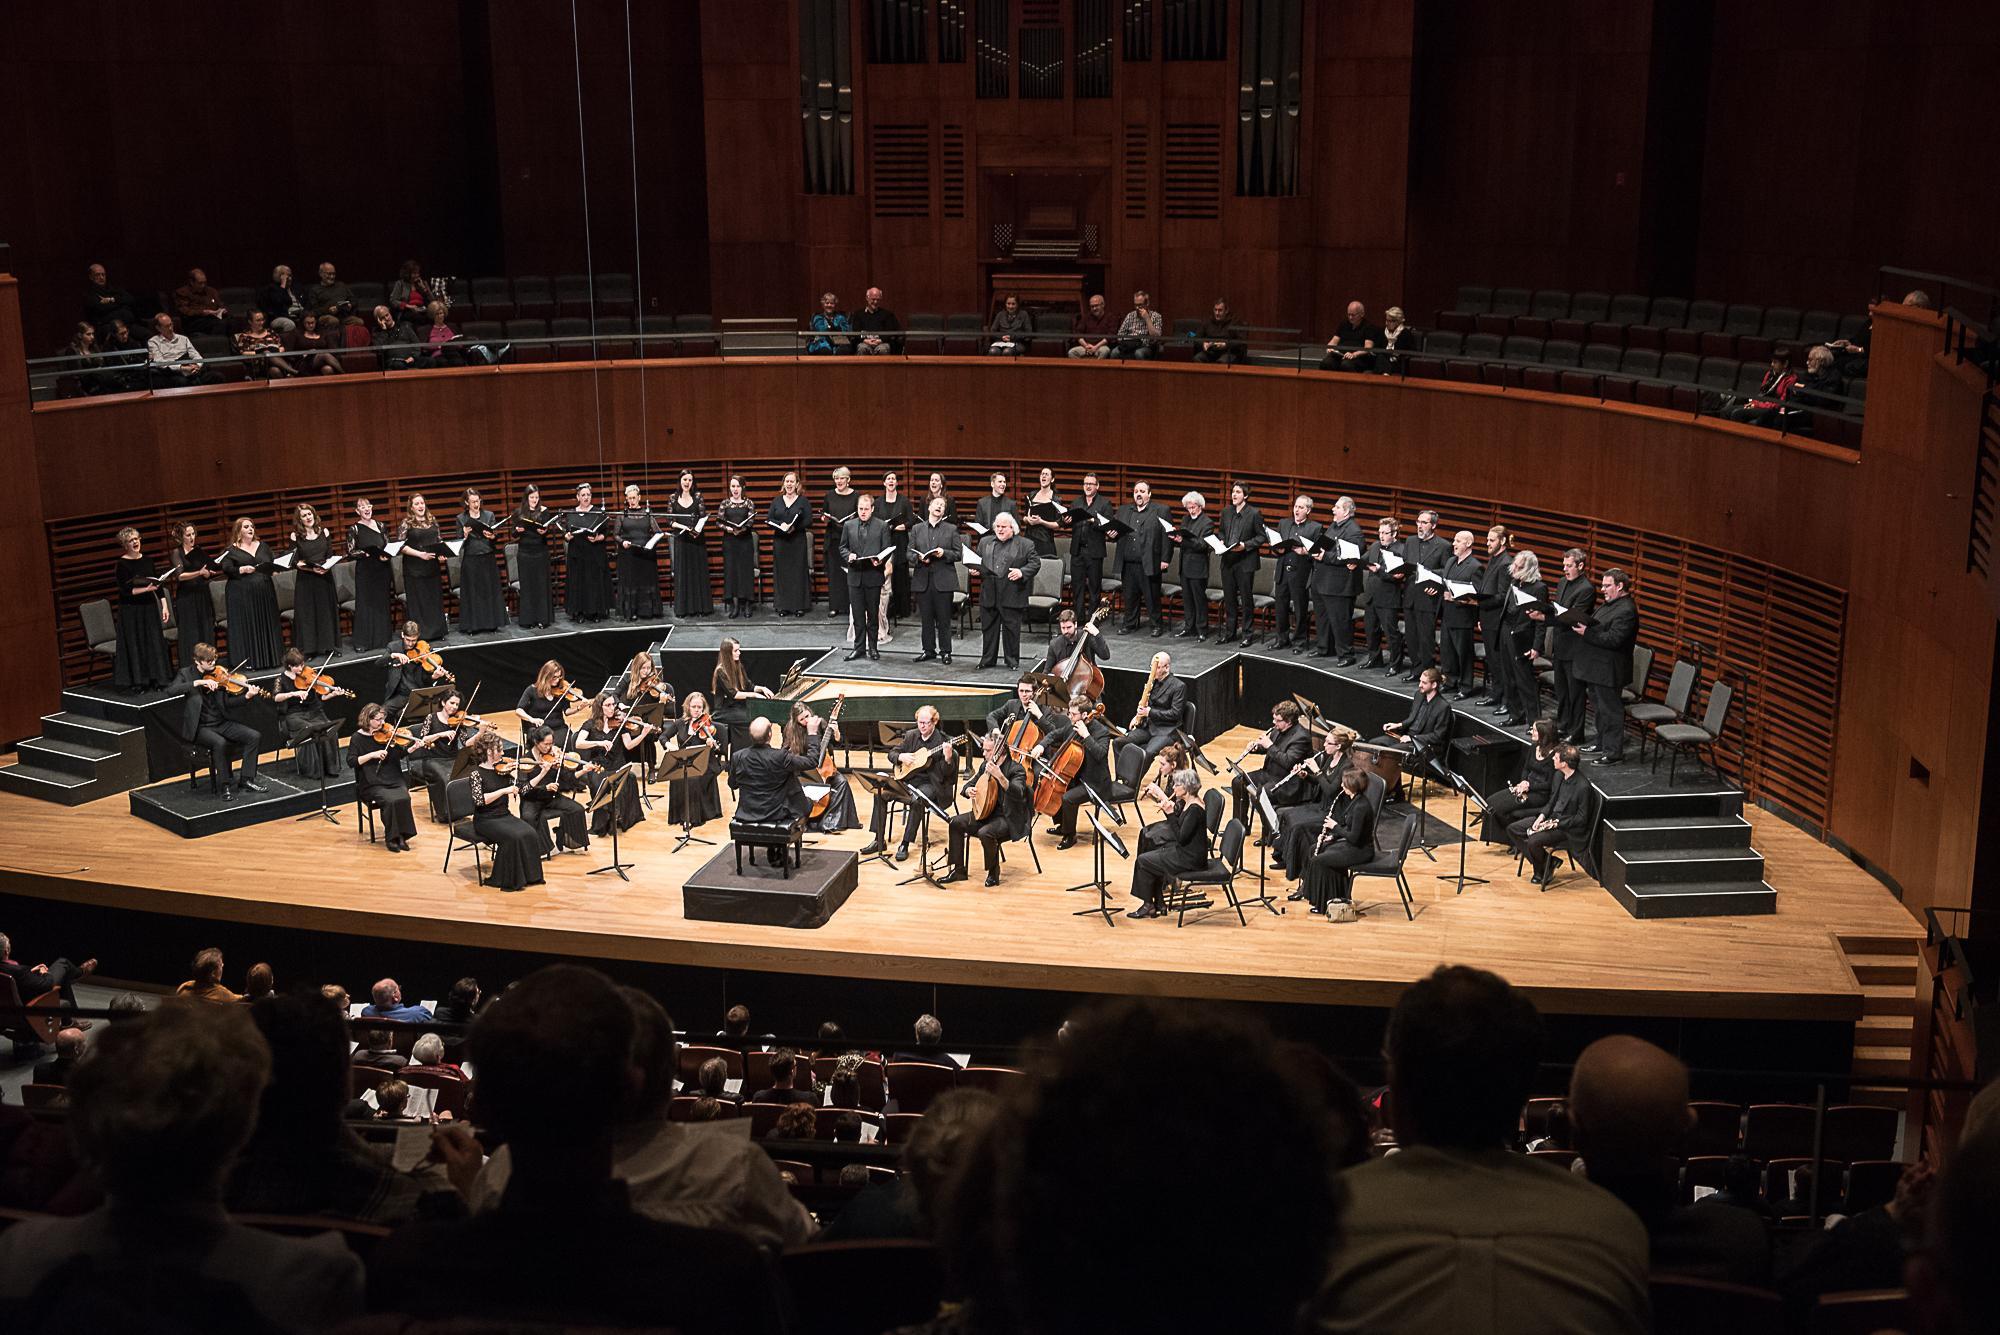 Orchestre-de-chambre-Les-Violons-du Roy-et-choeur-La-Chapelle-de-Quebec-a-la-Maison-symphonique-de-Montreal